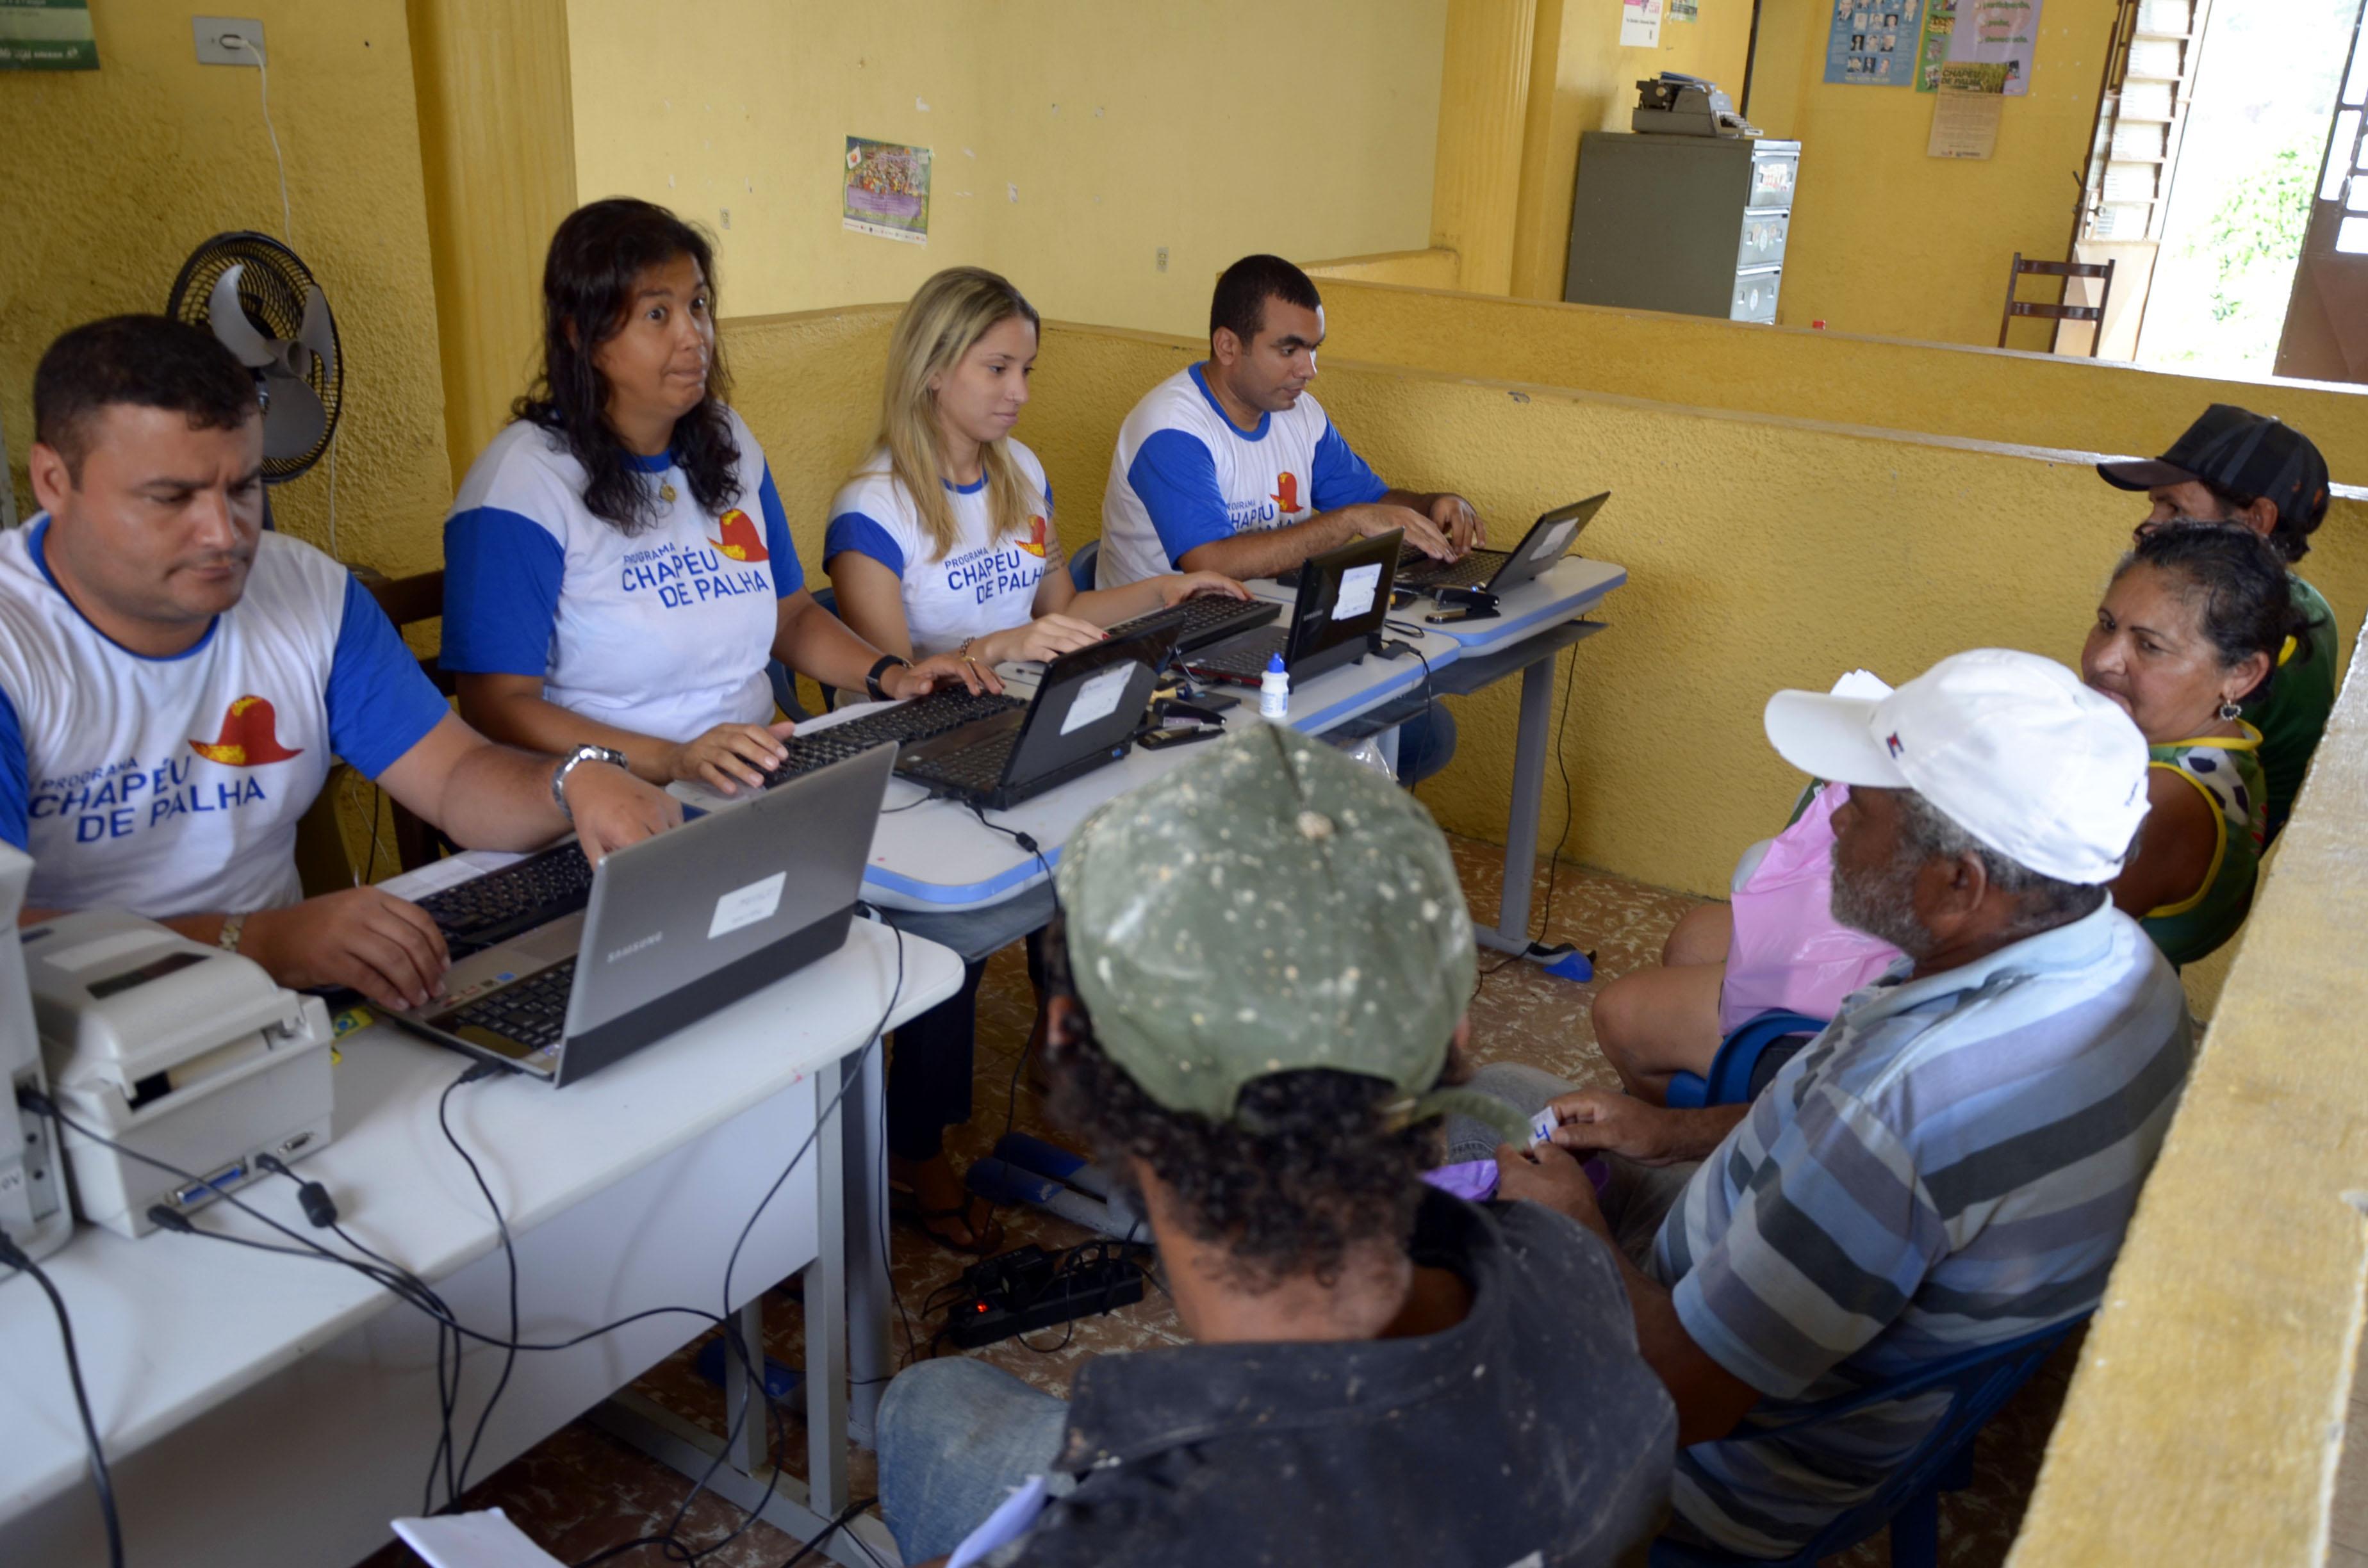 deb1cfa2d4db9 O Governo de Pernambuco inicia nesta segunda-feira (7) o cadastramento e  entrega dos cartões de frequência do Programa Chapéu de Palha 2018